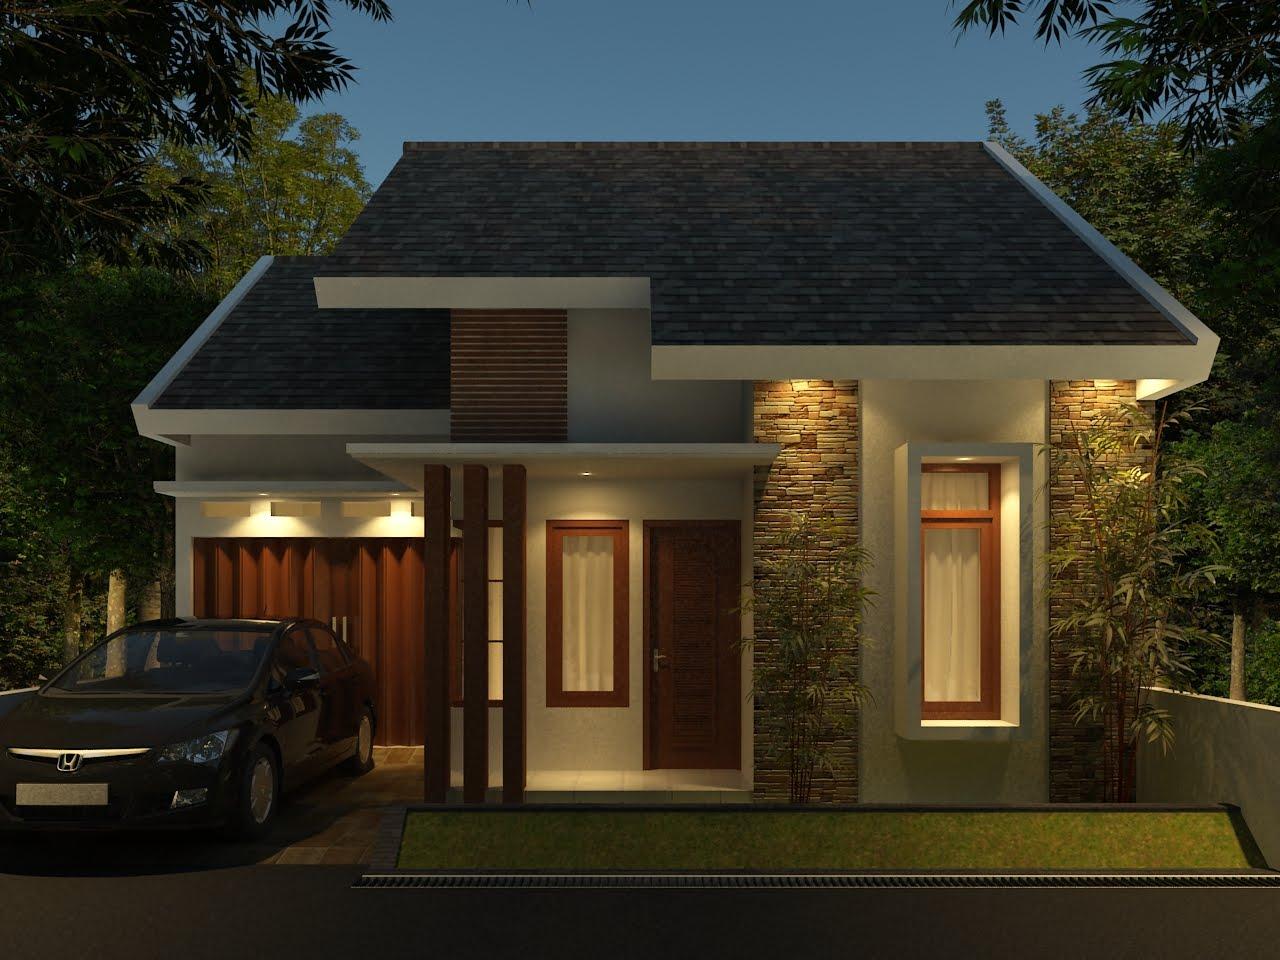 Gambar Rumah Minimalis Tampak Depan 2014